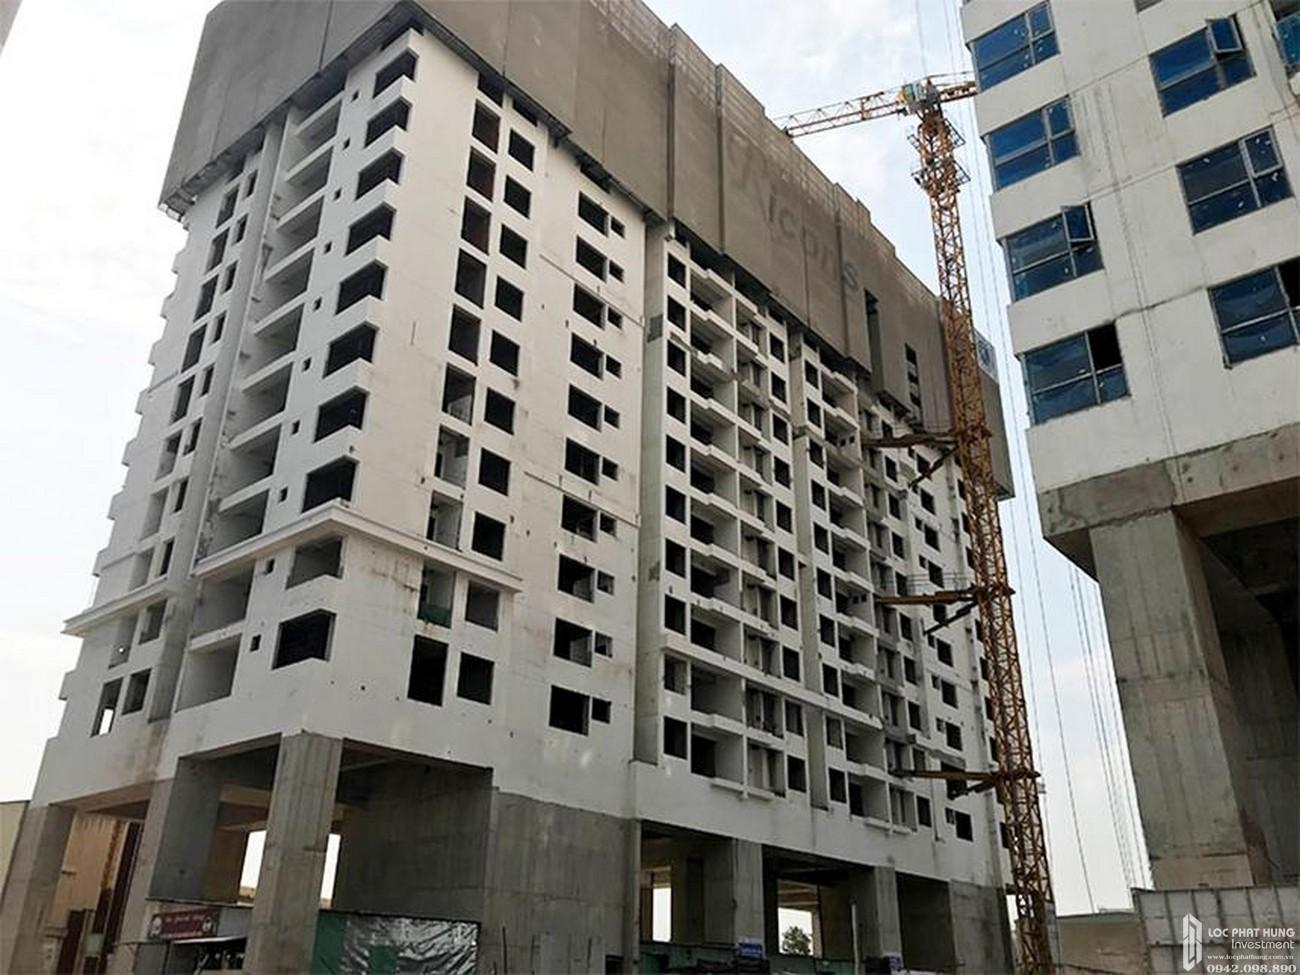 Tiến độ xây dựng căn hộ + Officetel dự án Sky 89 04/2020 – Nhận ký gửi mua bán + Cho thuê